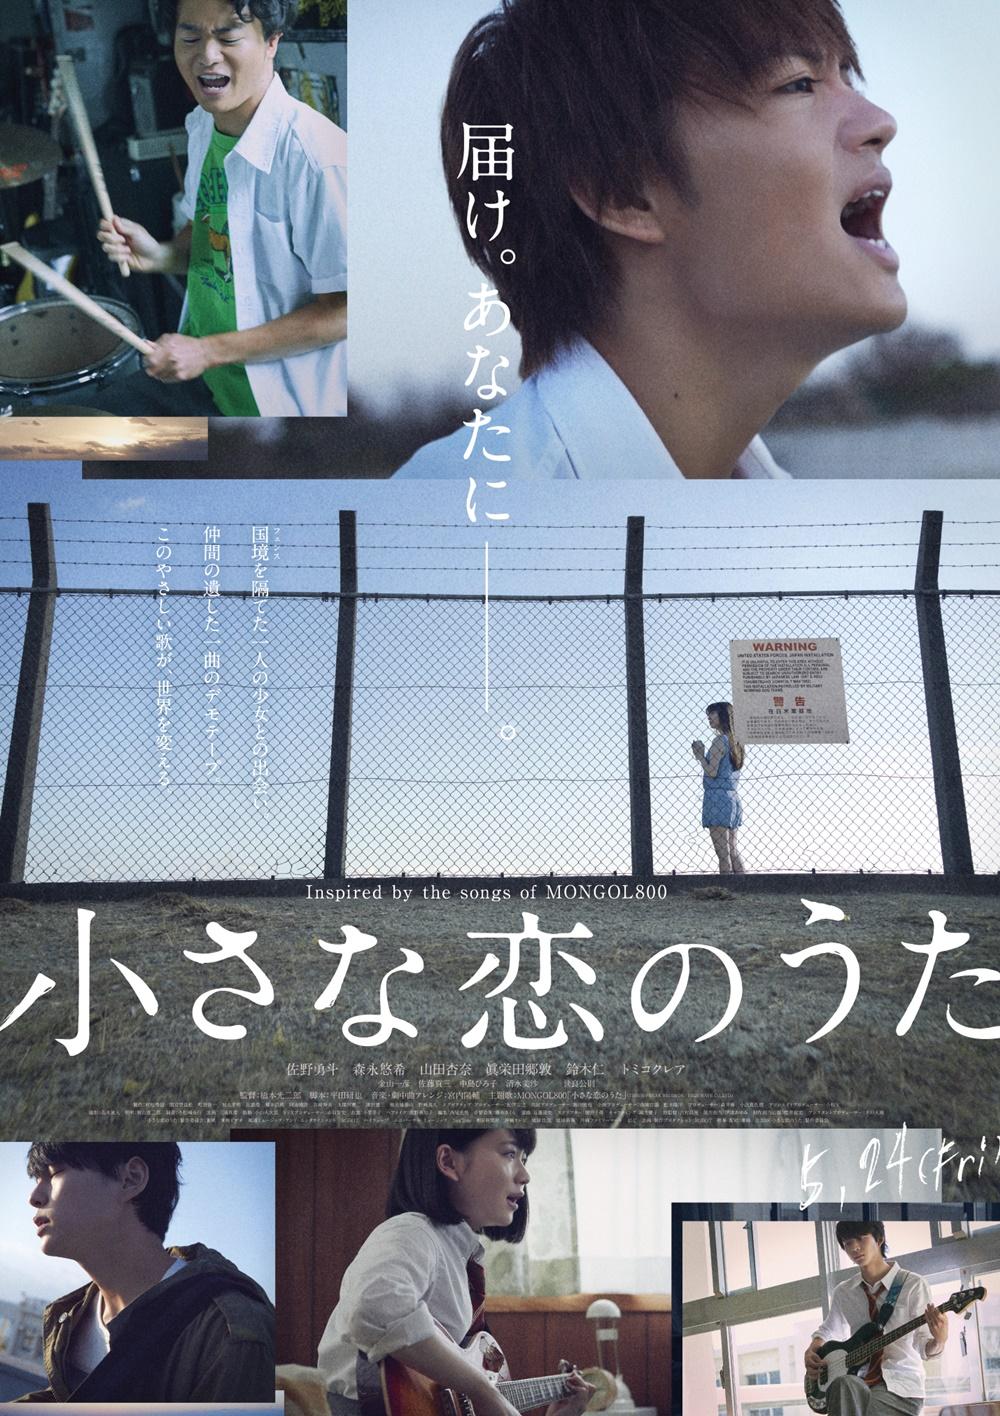 【画像】映画『小さな恋のうた』ポスタービジュアル